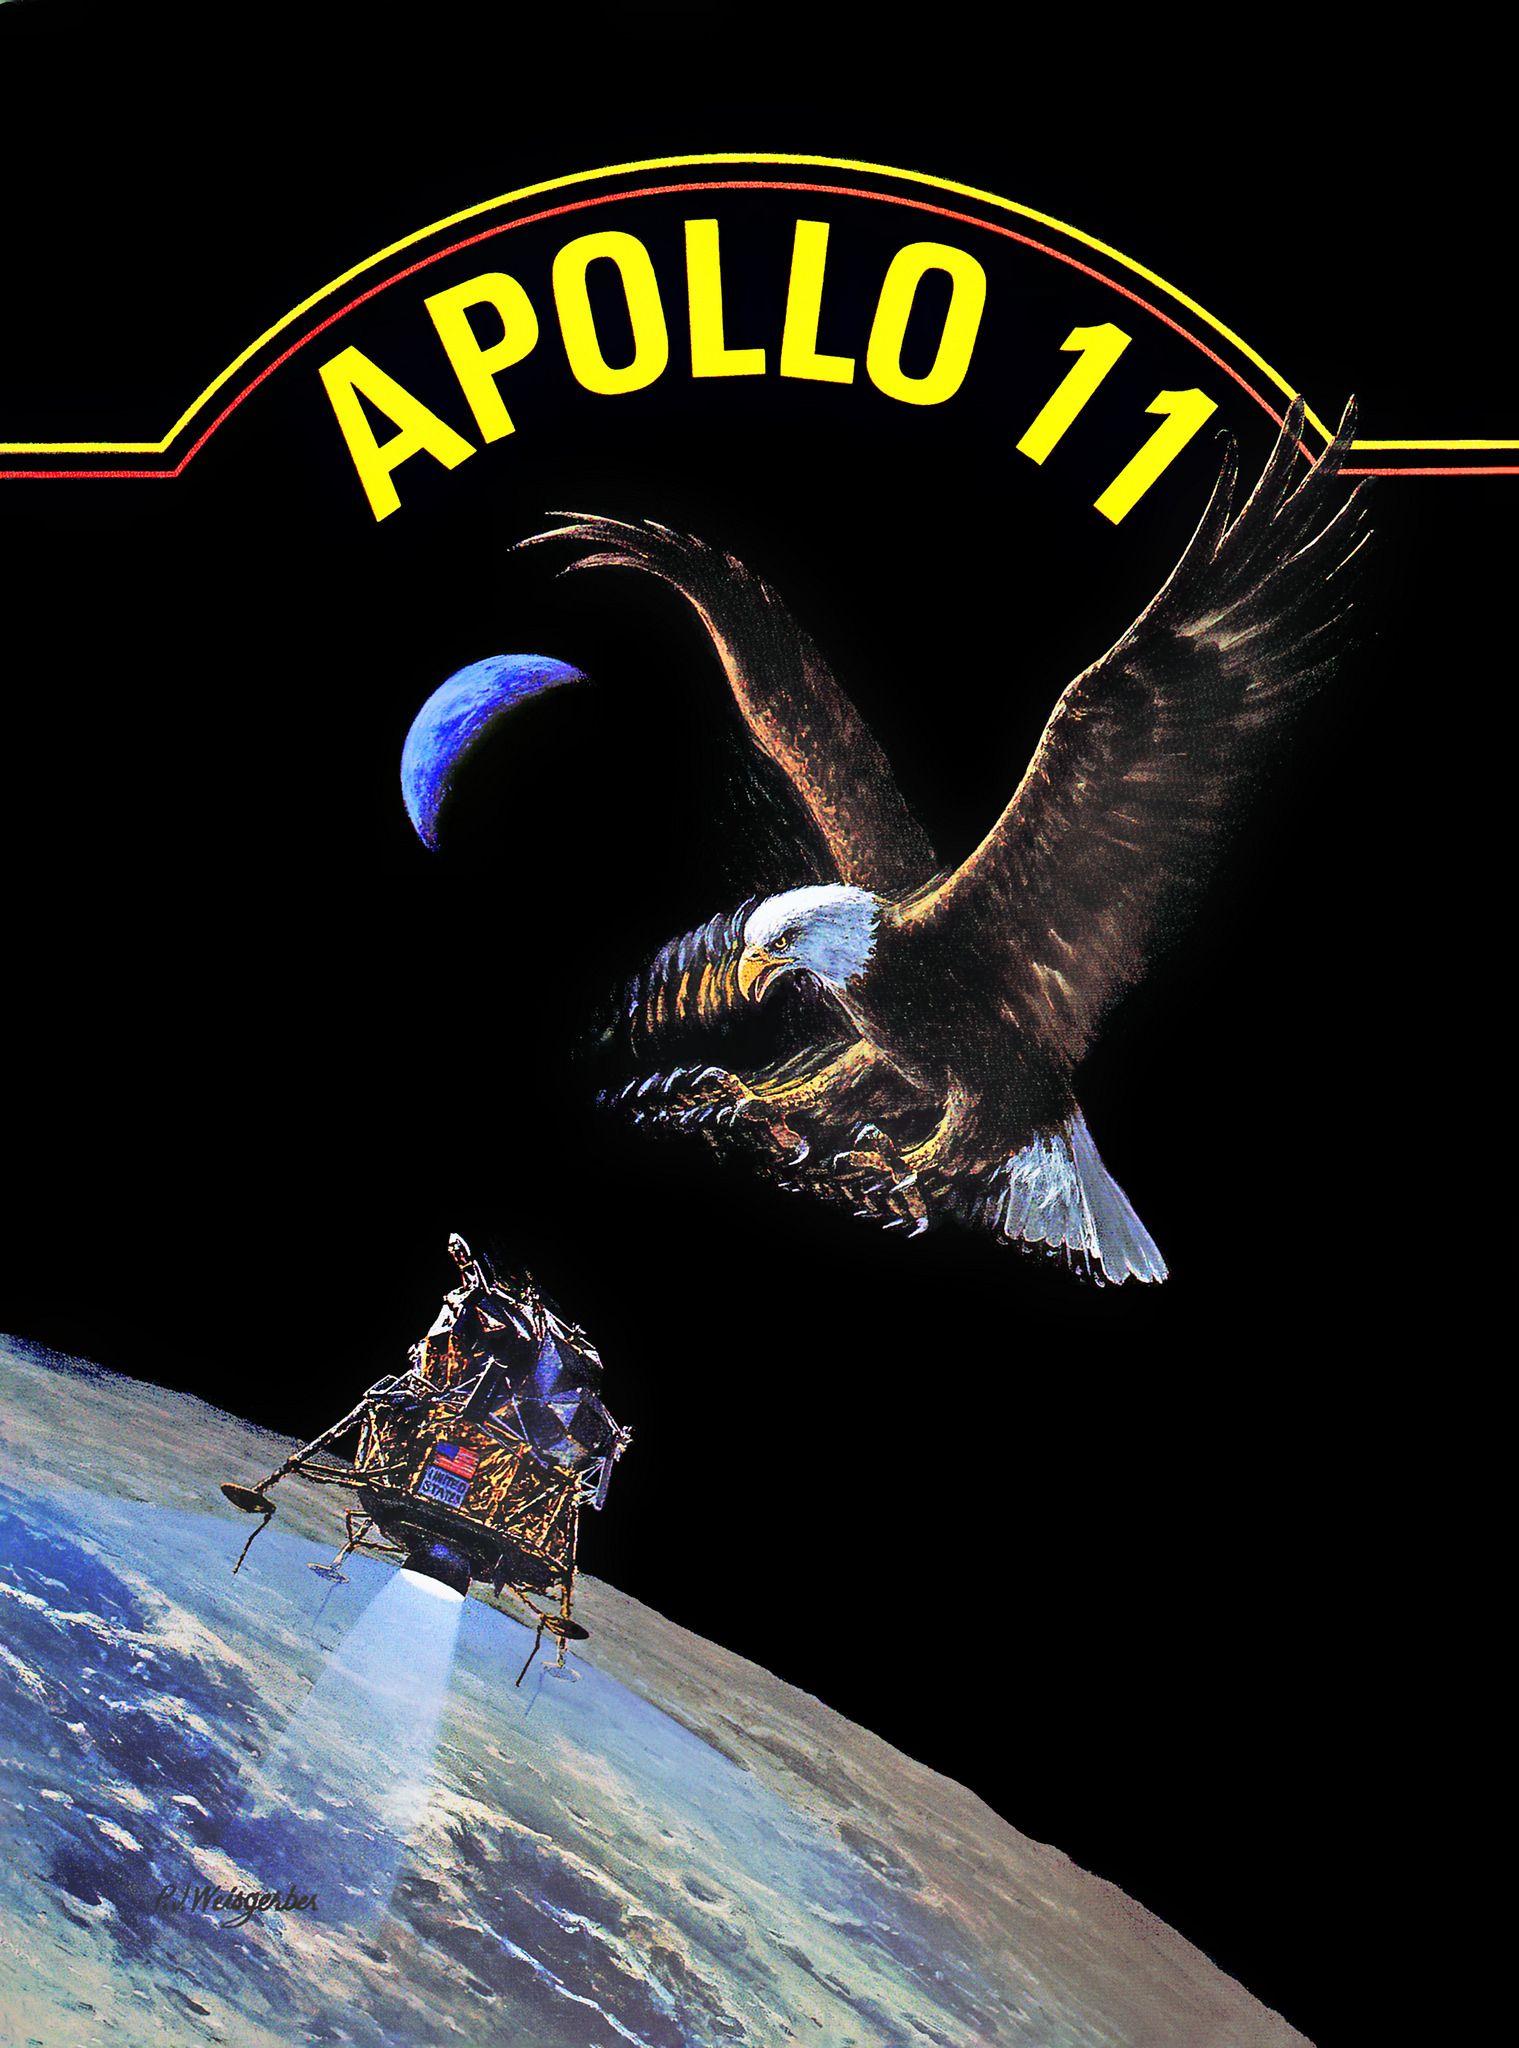 us apollo space program - photo #28